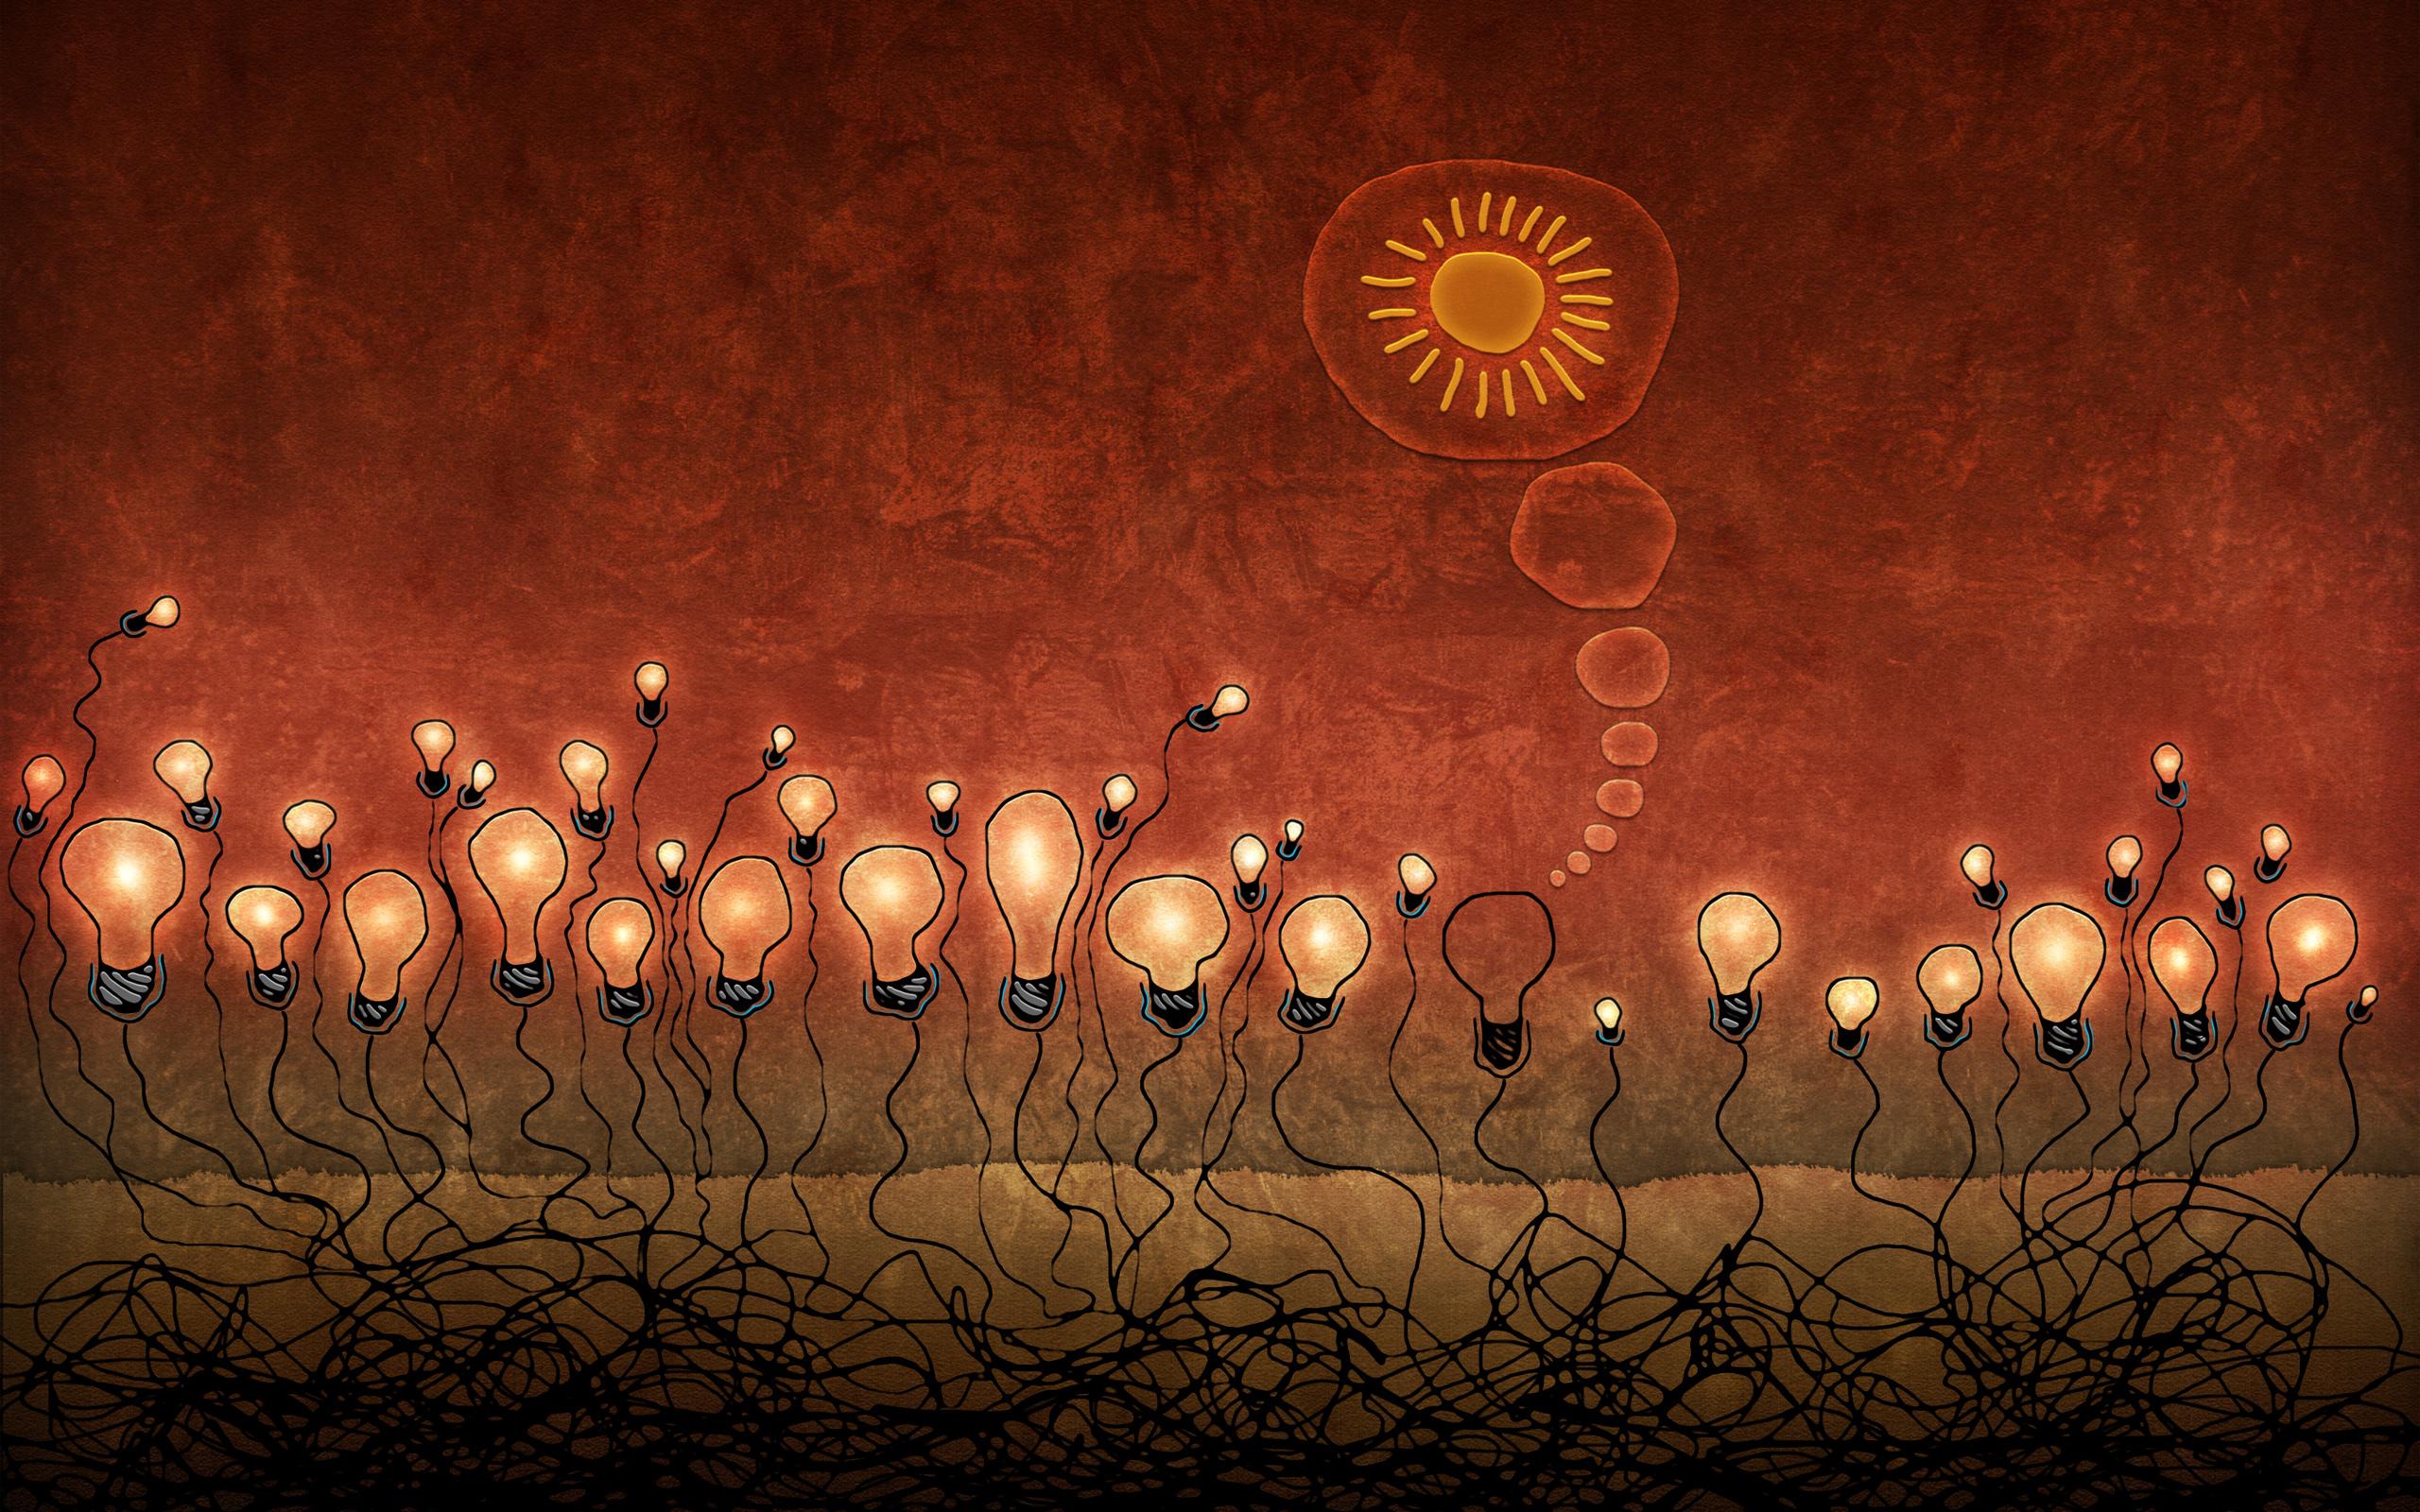 ряд абстрактные картинки лампа свет помощник выборе товаров